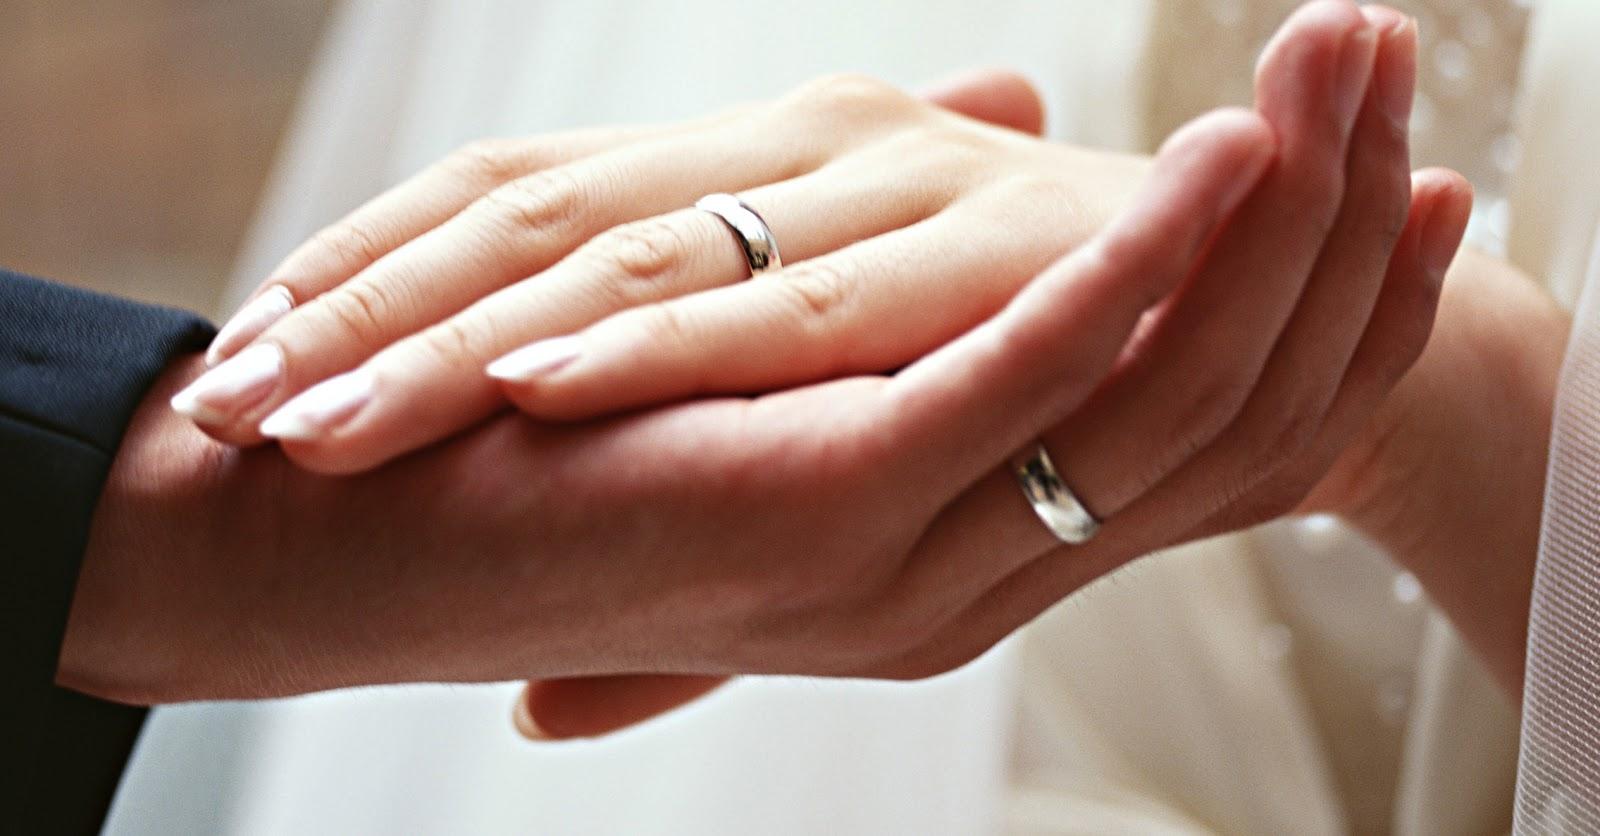 Rings Hands.jpg